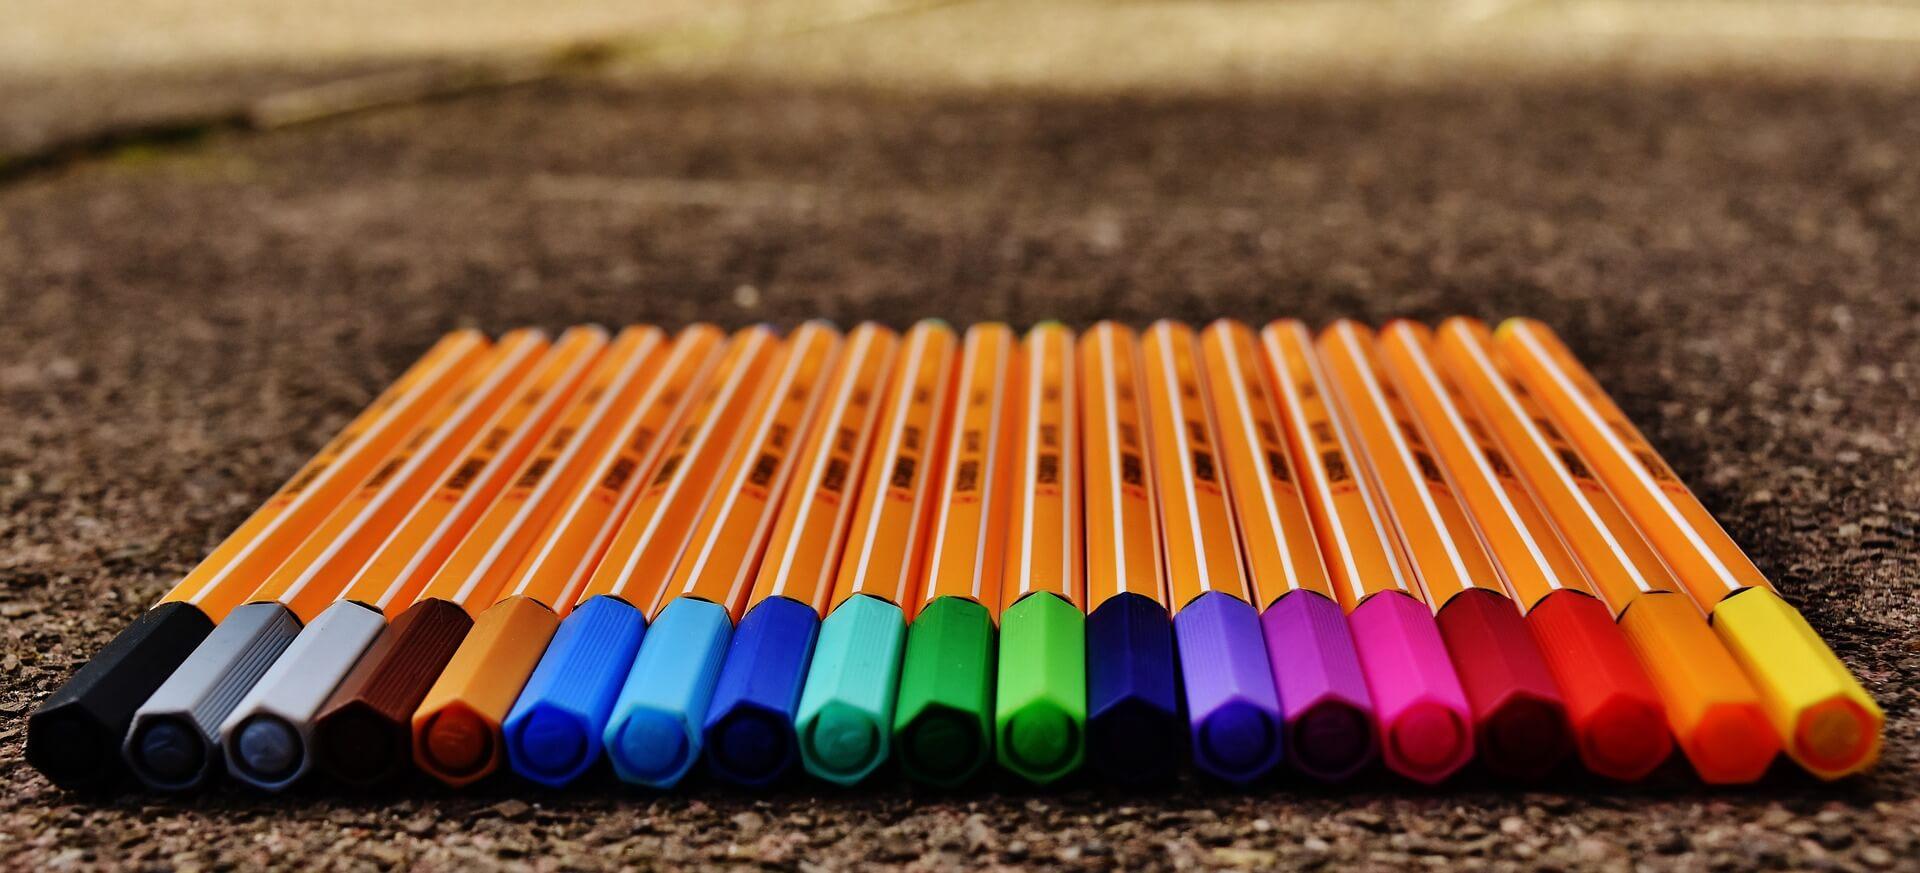 bunte Stifte für Büro und Freizeit (c) alexas_fotos / pixabay.de